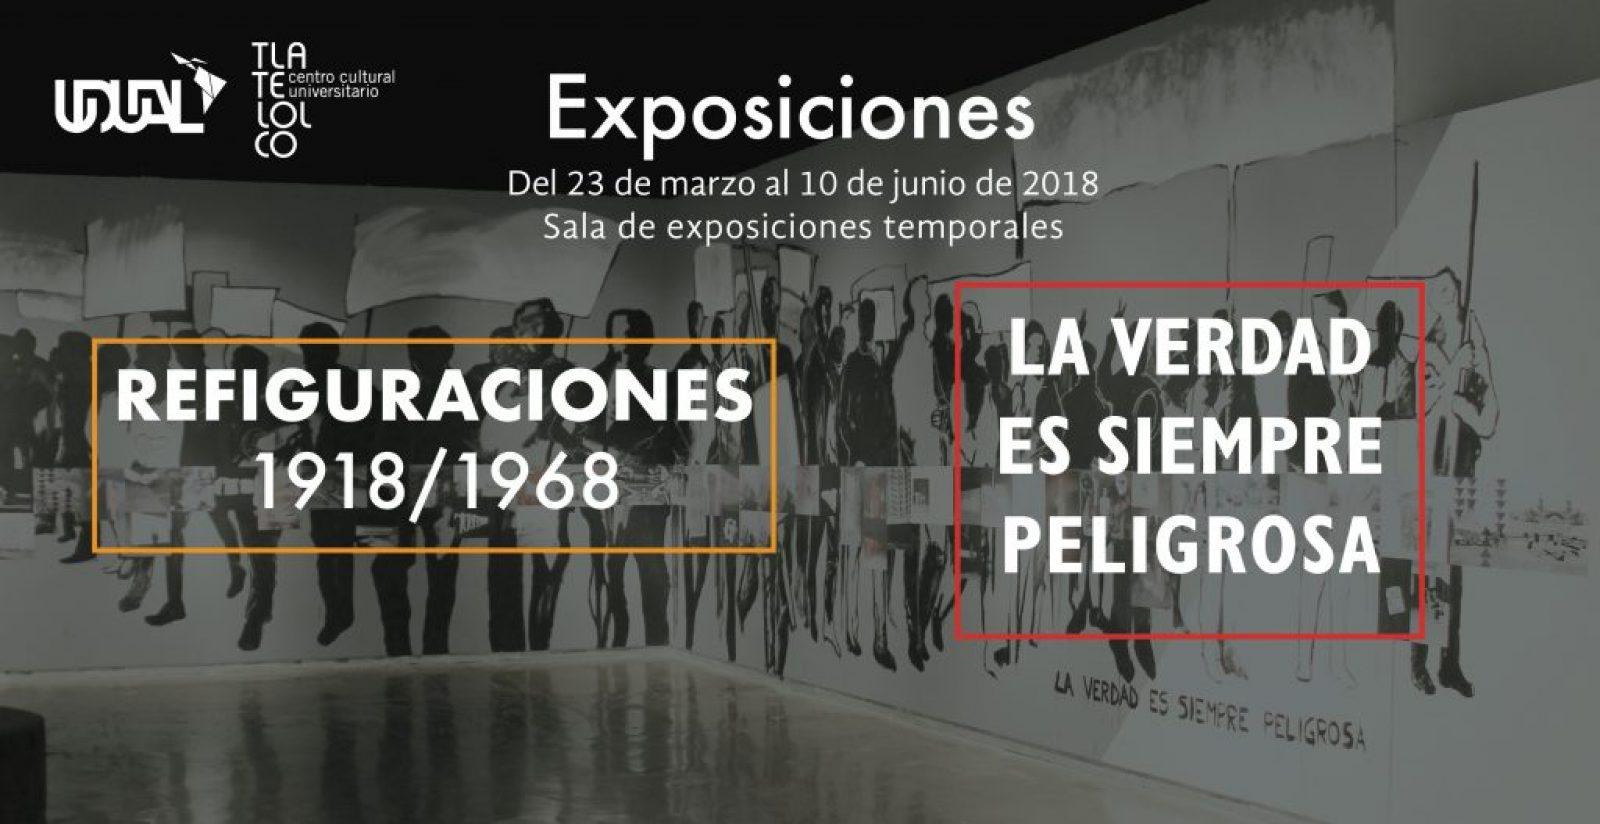 Exposiciones en CCUT